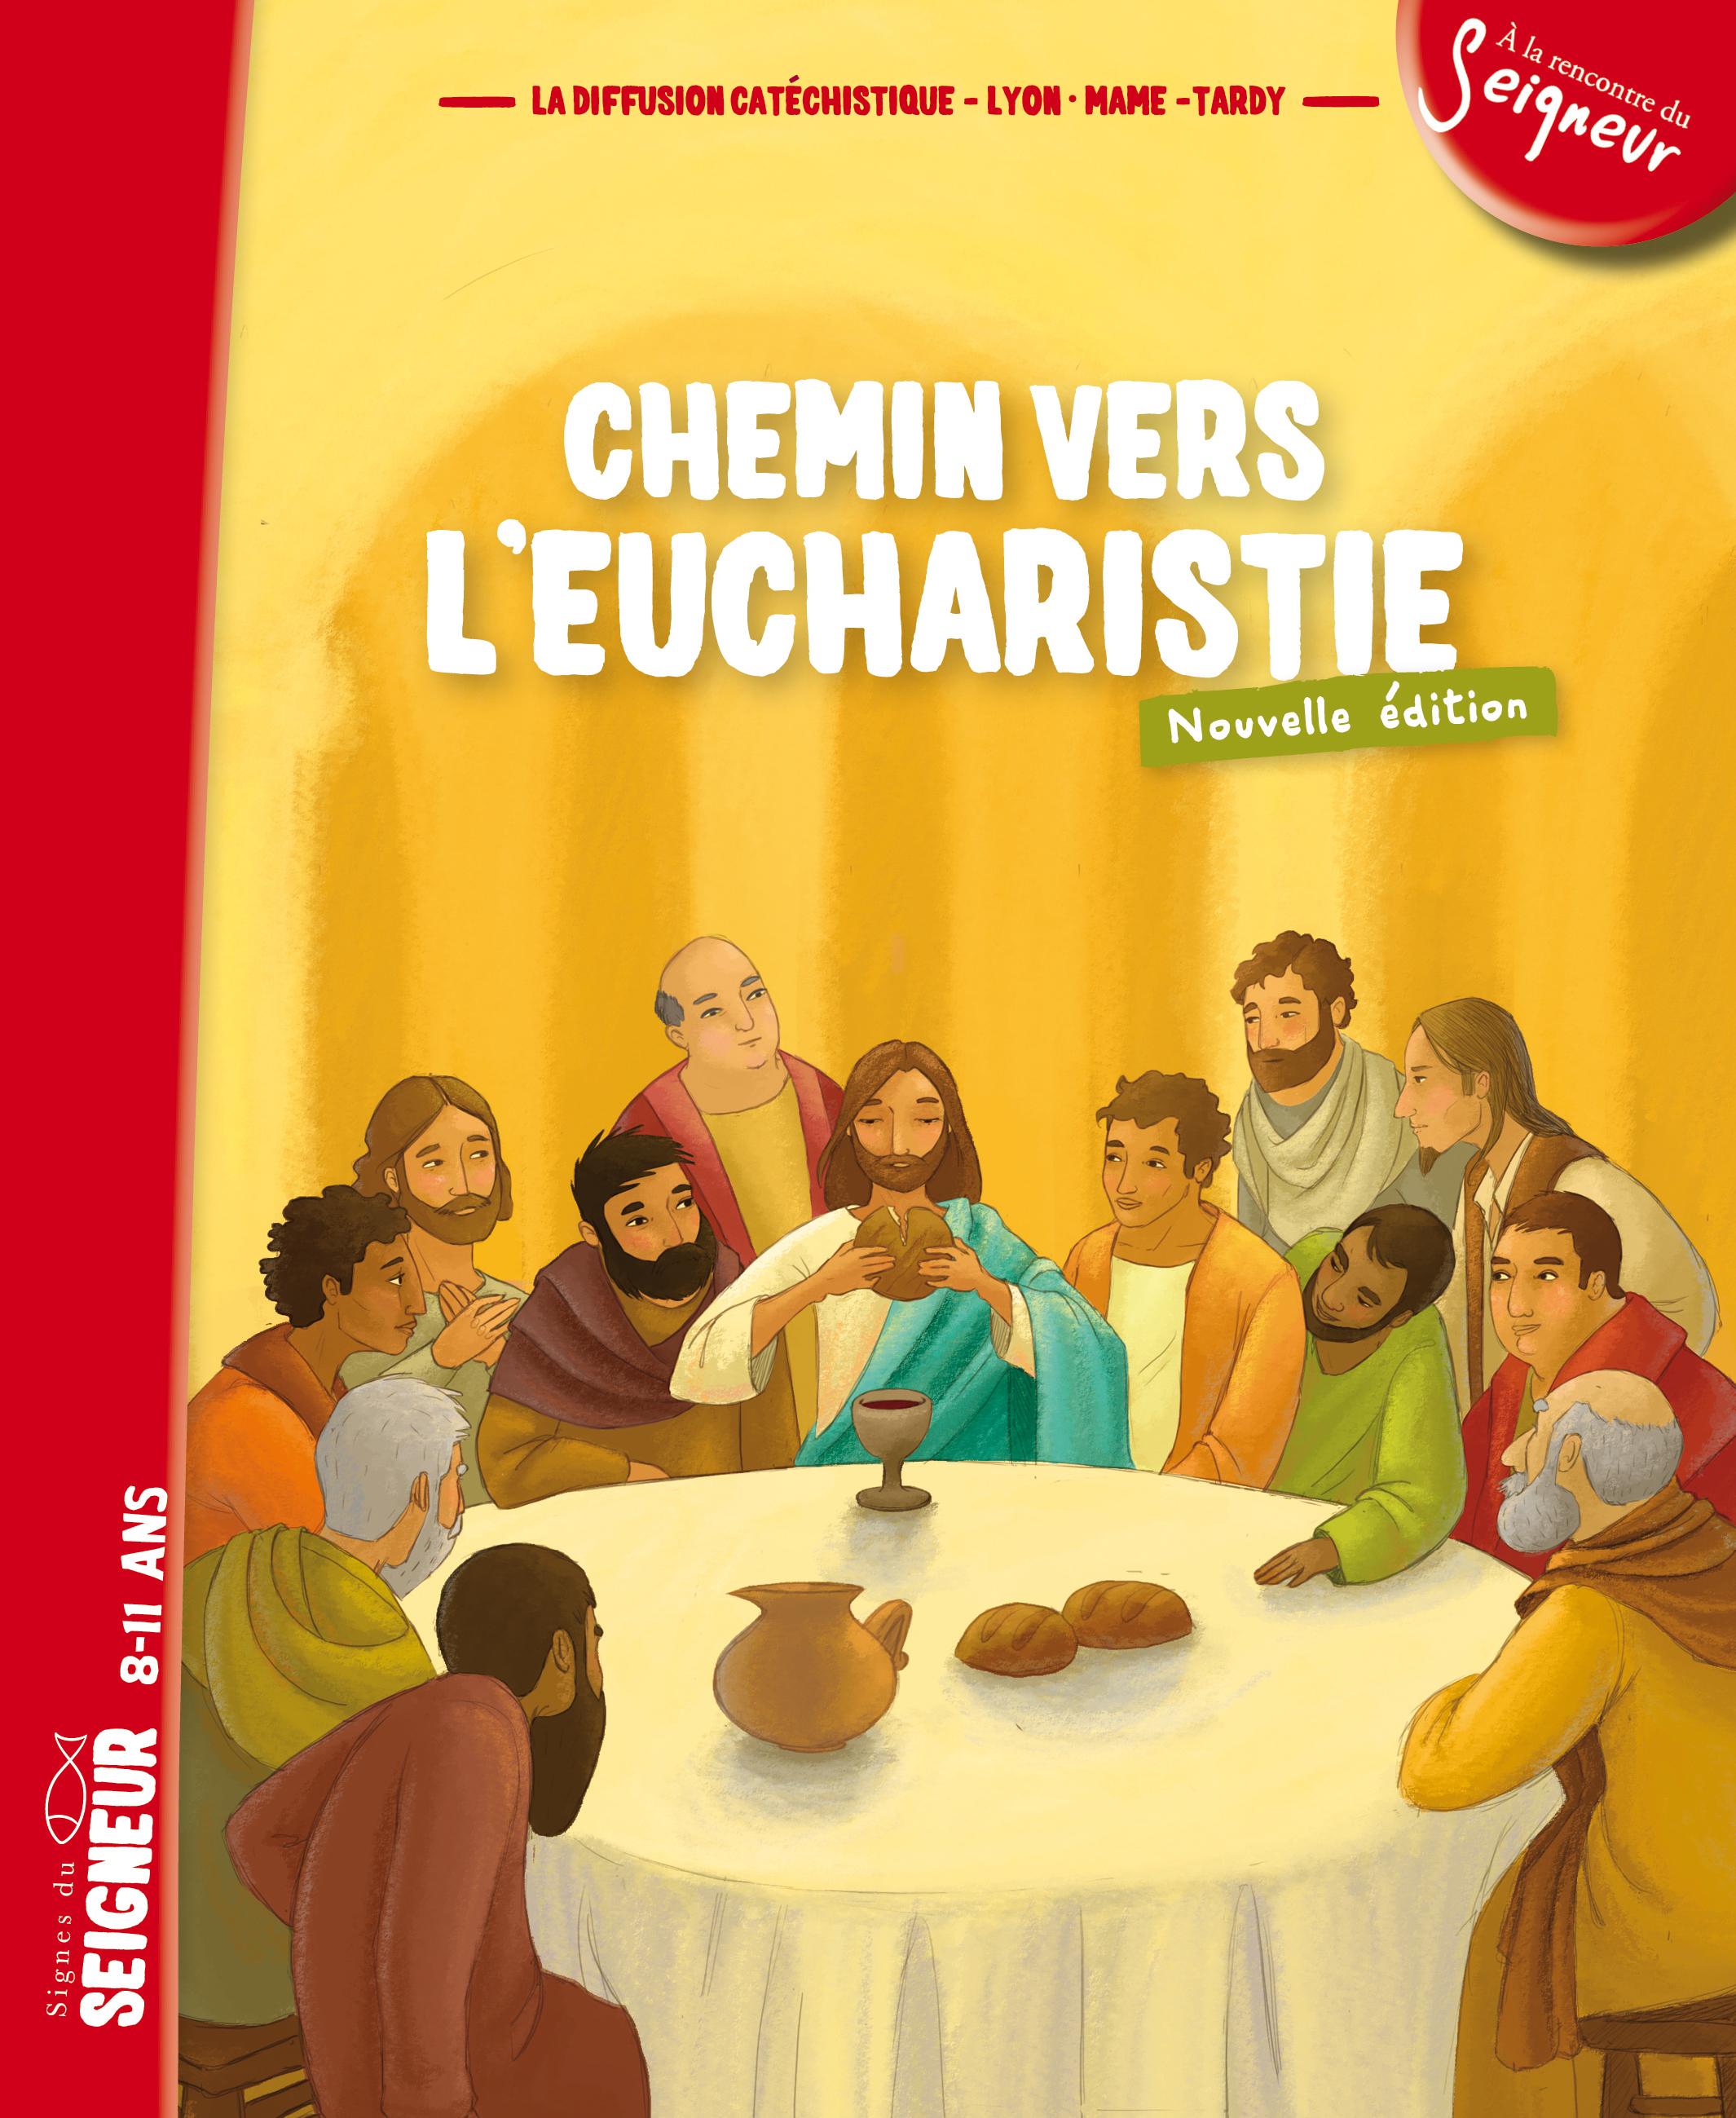 CHEMIN VERS L'EUCHARISTIE - LIVRET ENFANT (8-11 ANS) - N1